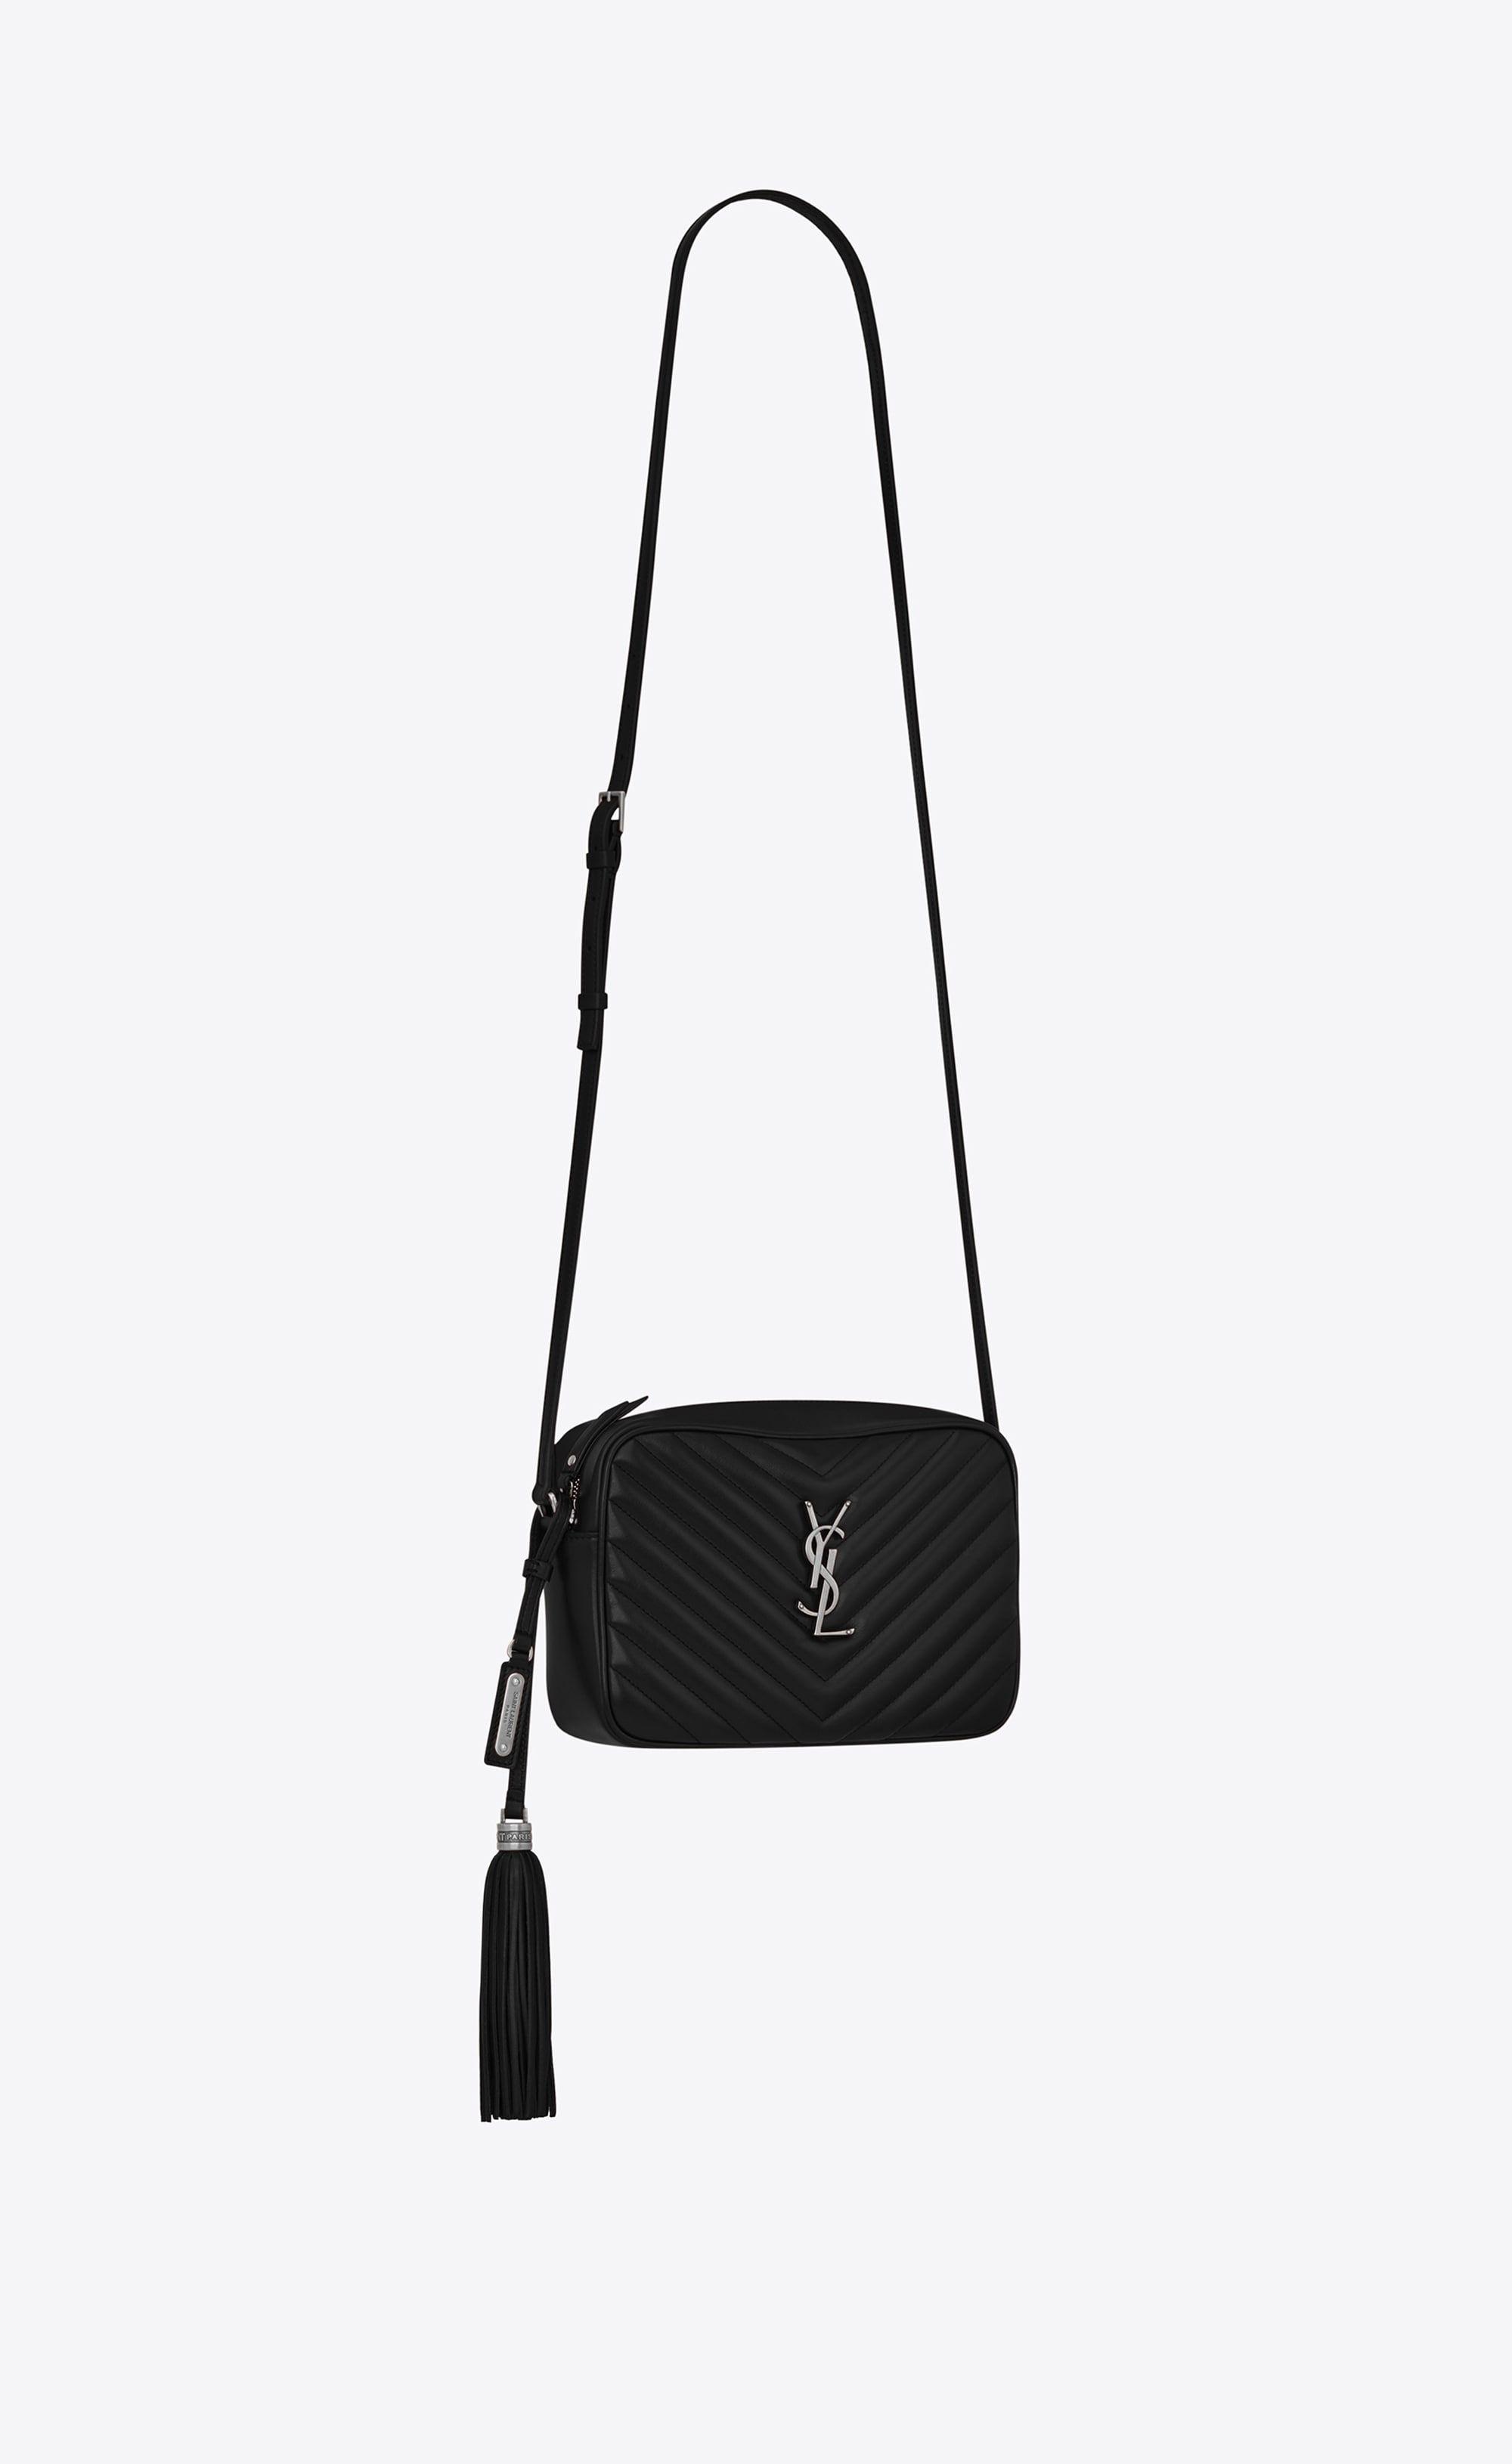 441cc54d989eb Saint Laurent LOU Camera Bag In Matelassé Leather